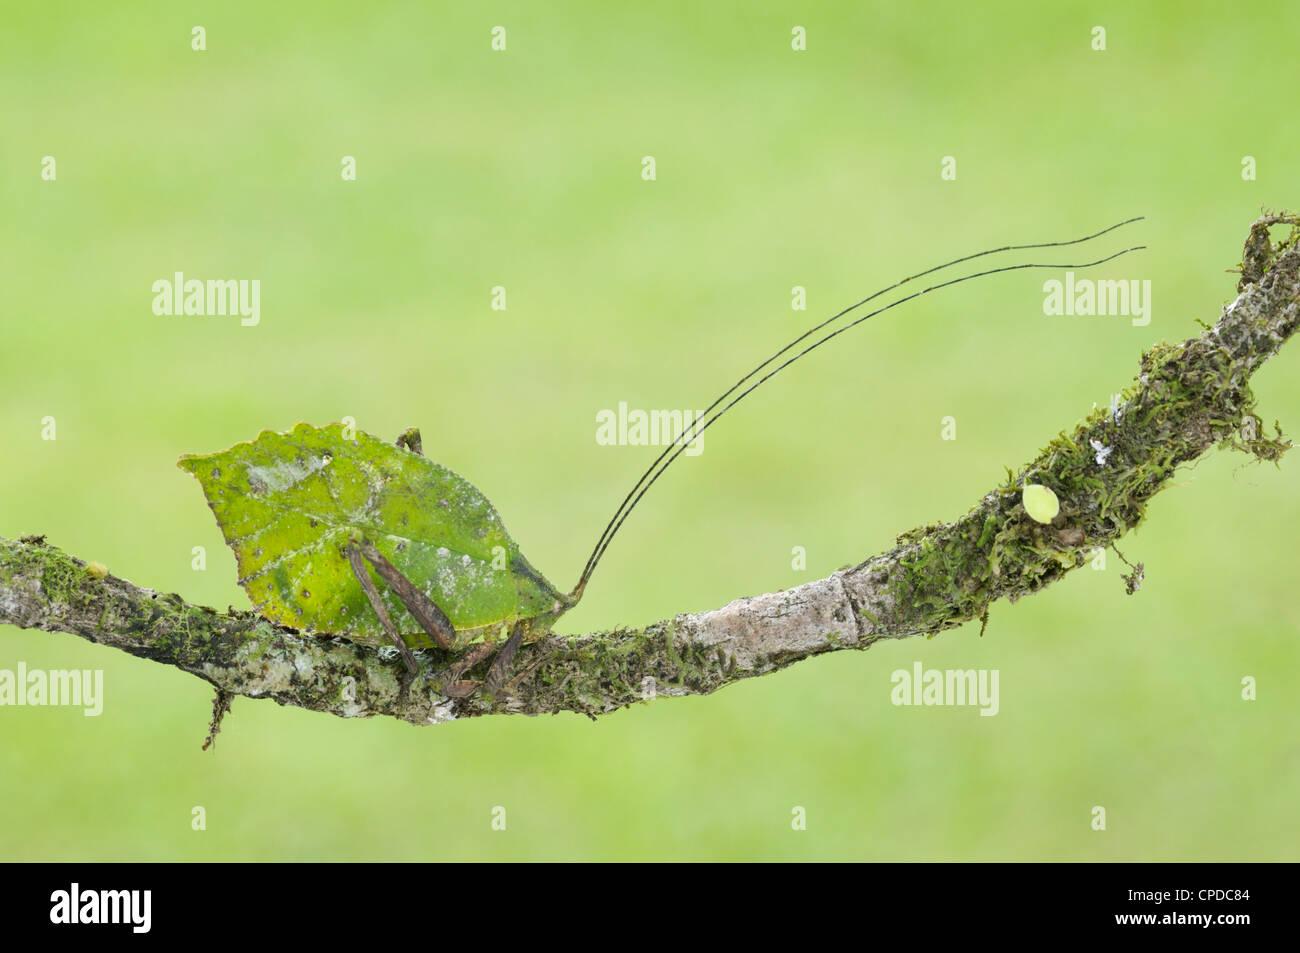 Leaf-mimic katydid, Tortuguero National Park, CR - Stock Image